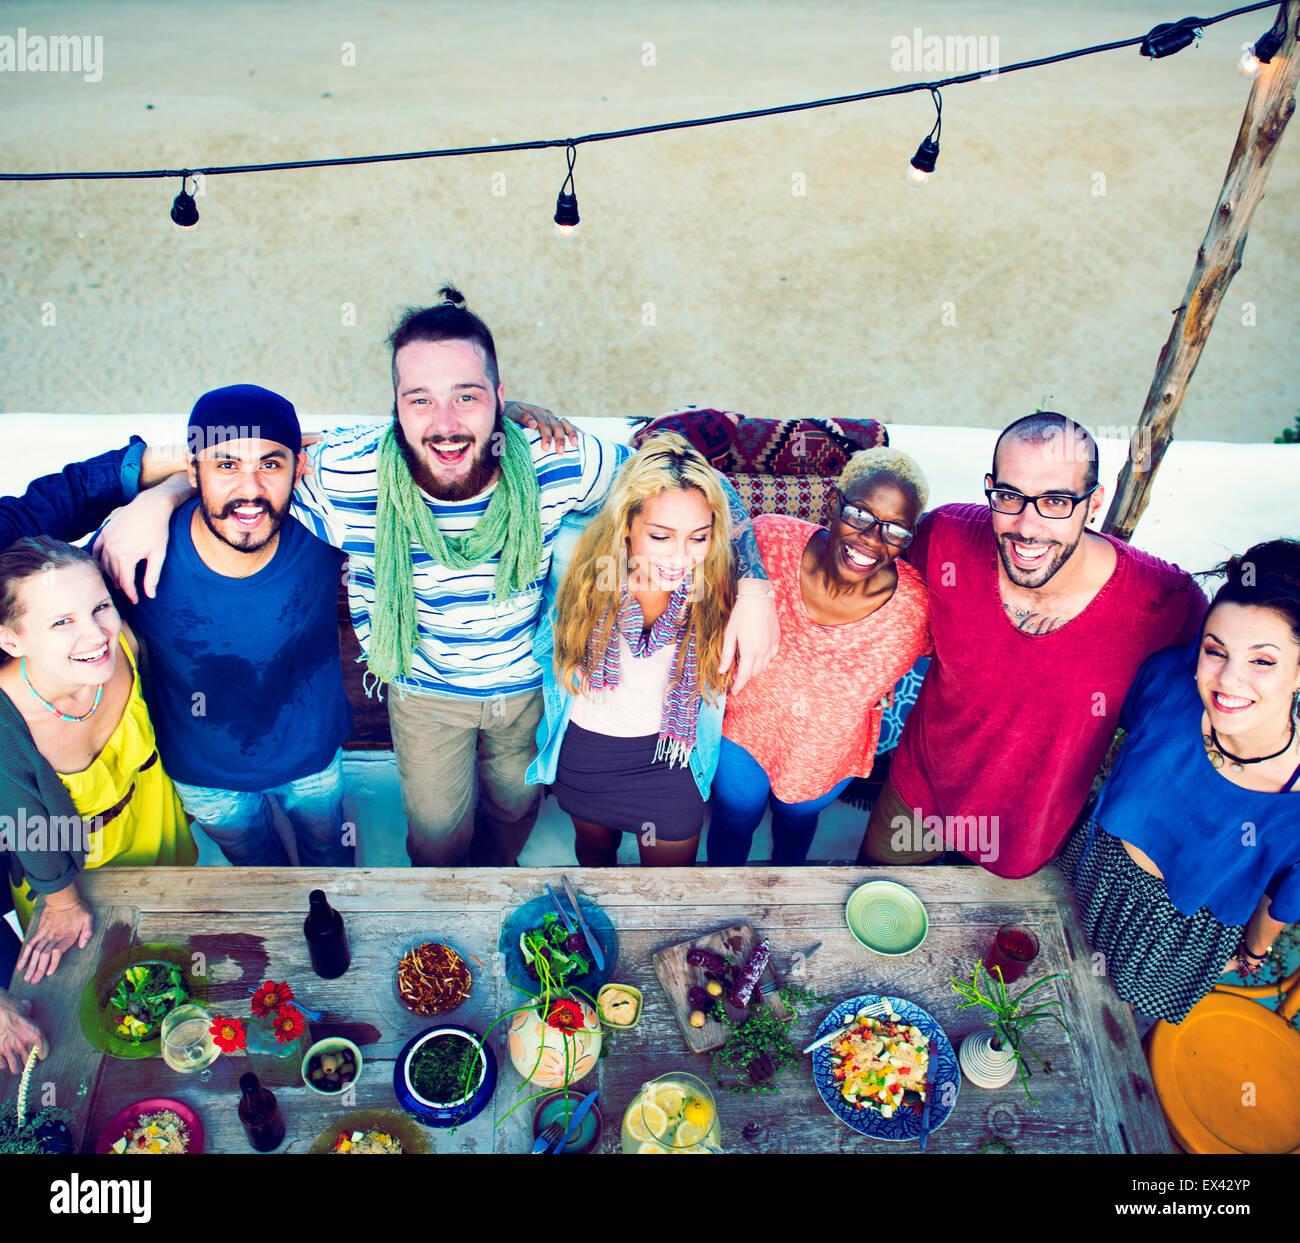 Playa de verano diversos amigos celebrar juntos concepto Imagen De Stock